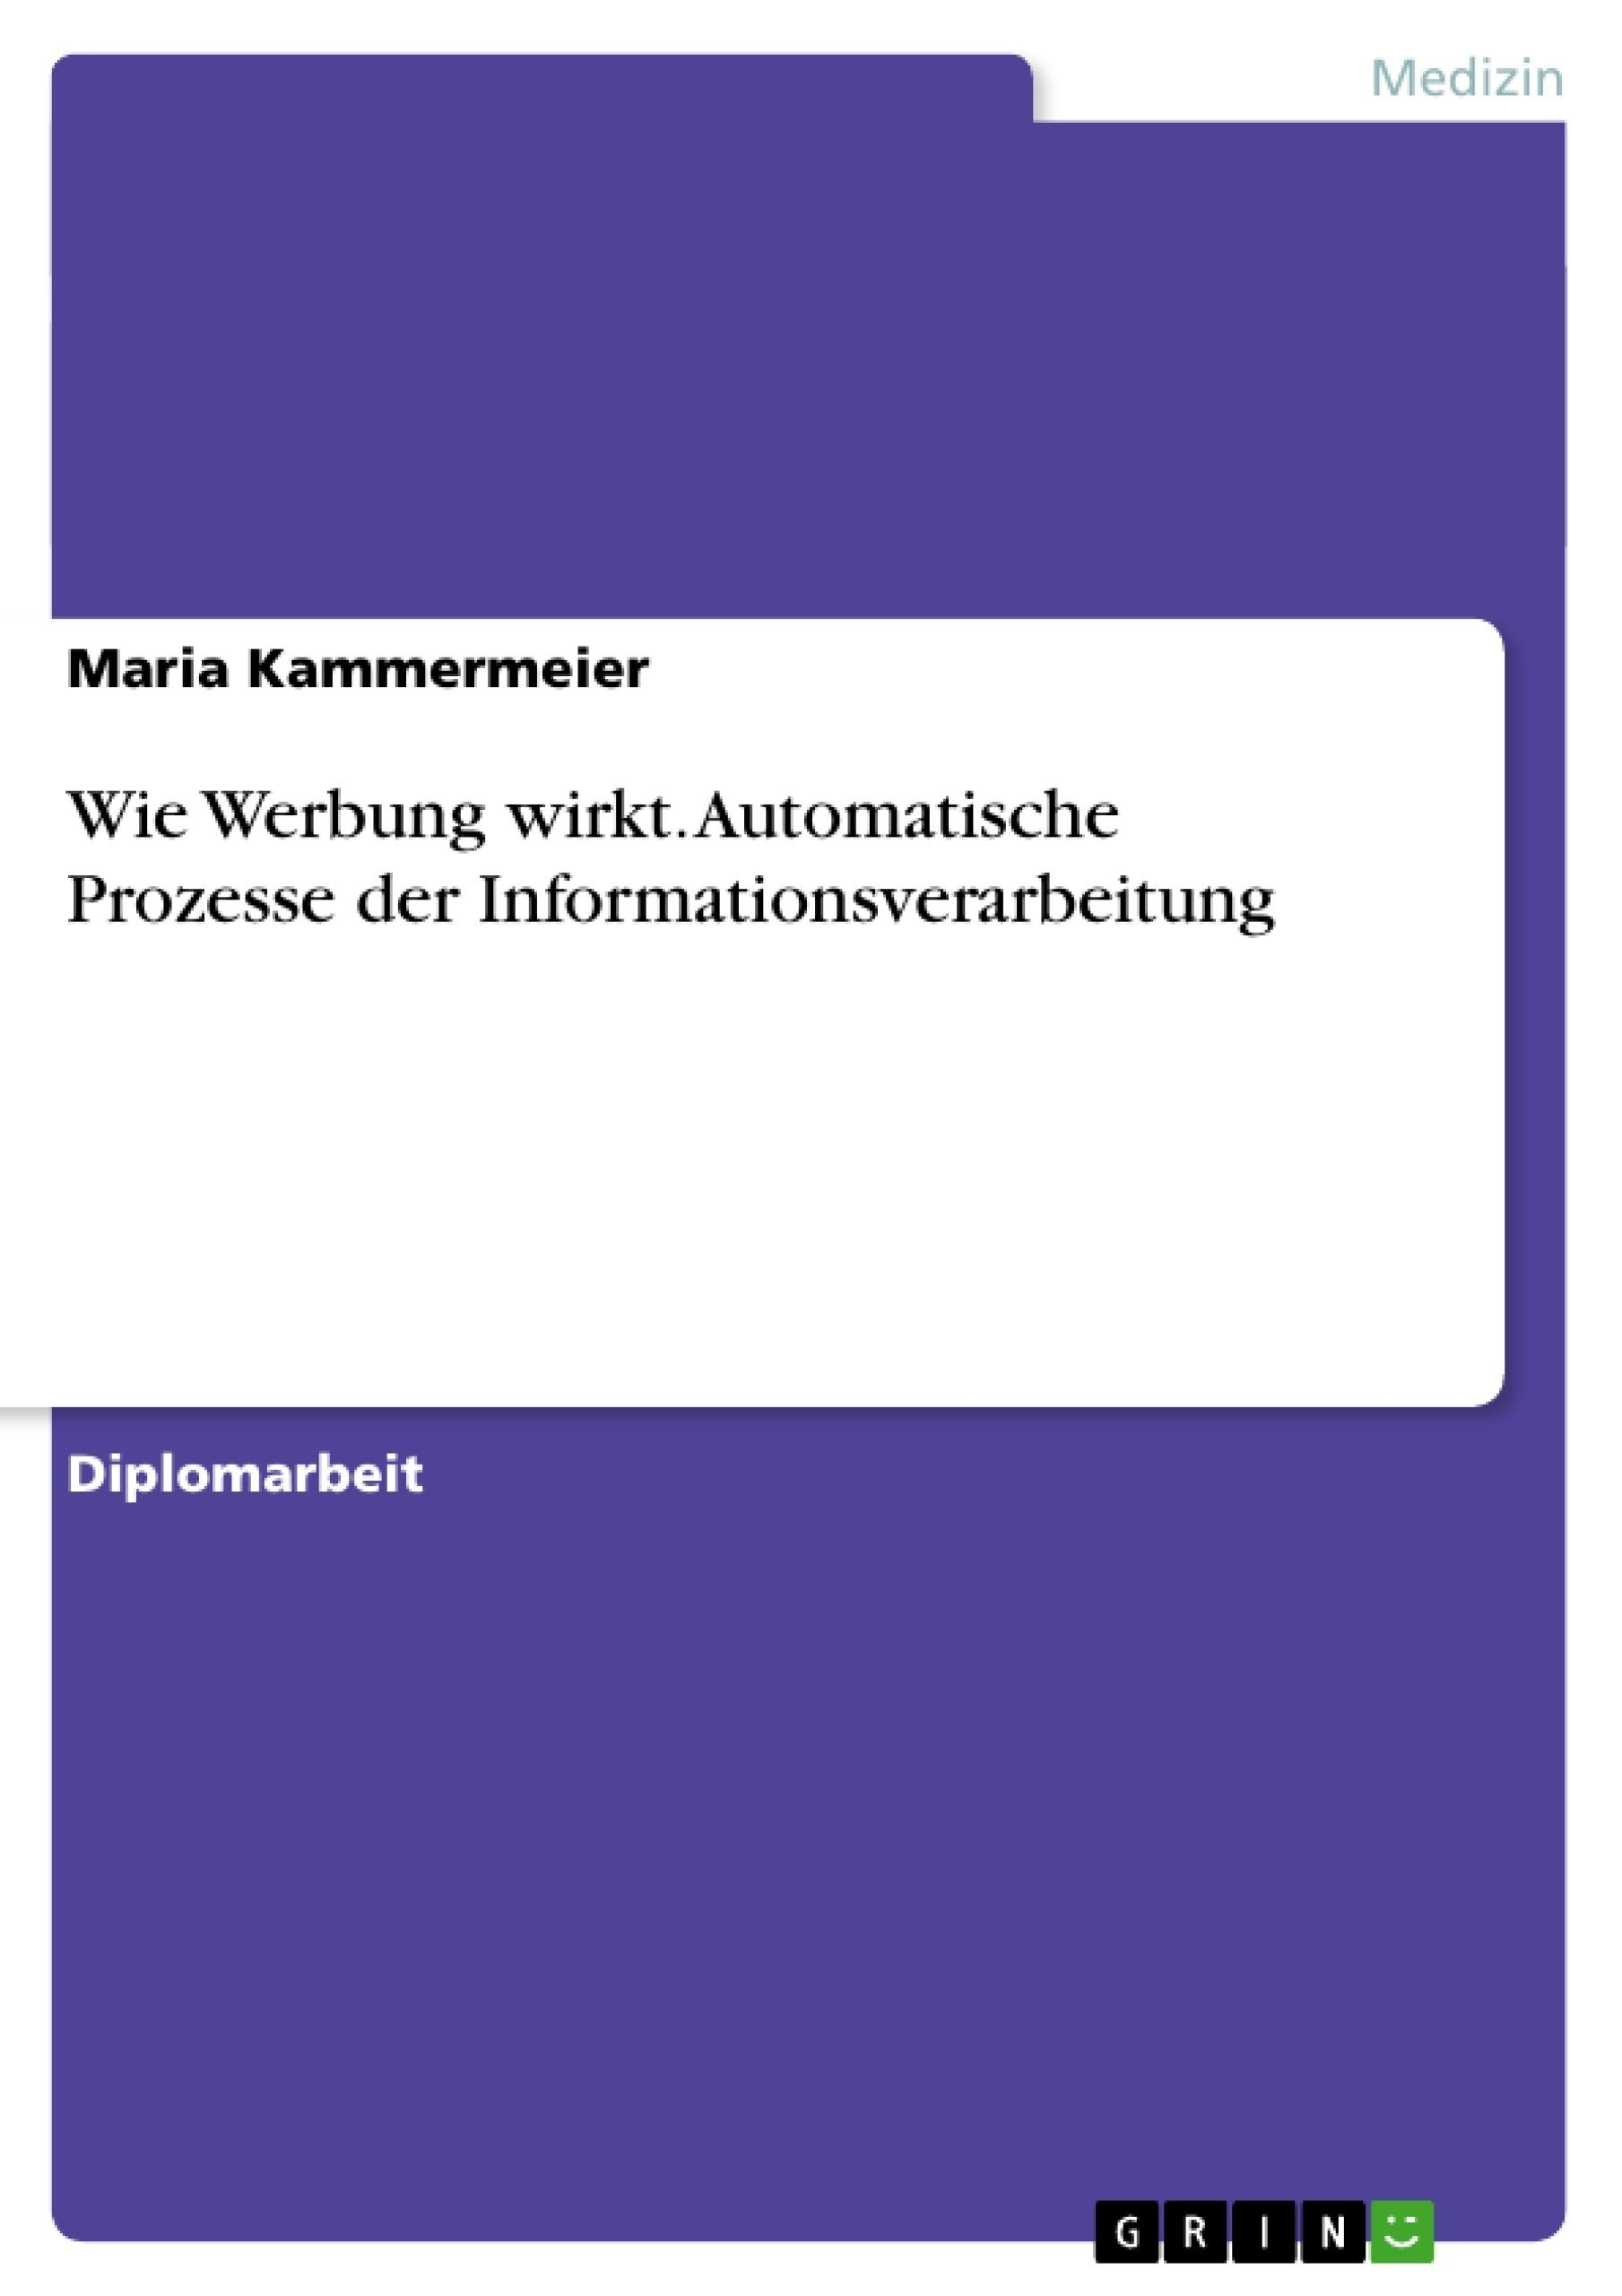 Titel: Wie Werbung wirkt. Automatische Prozesse der Informationsverarbeitung